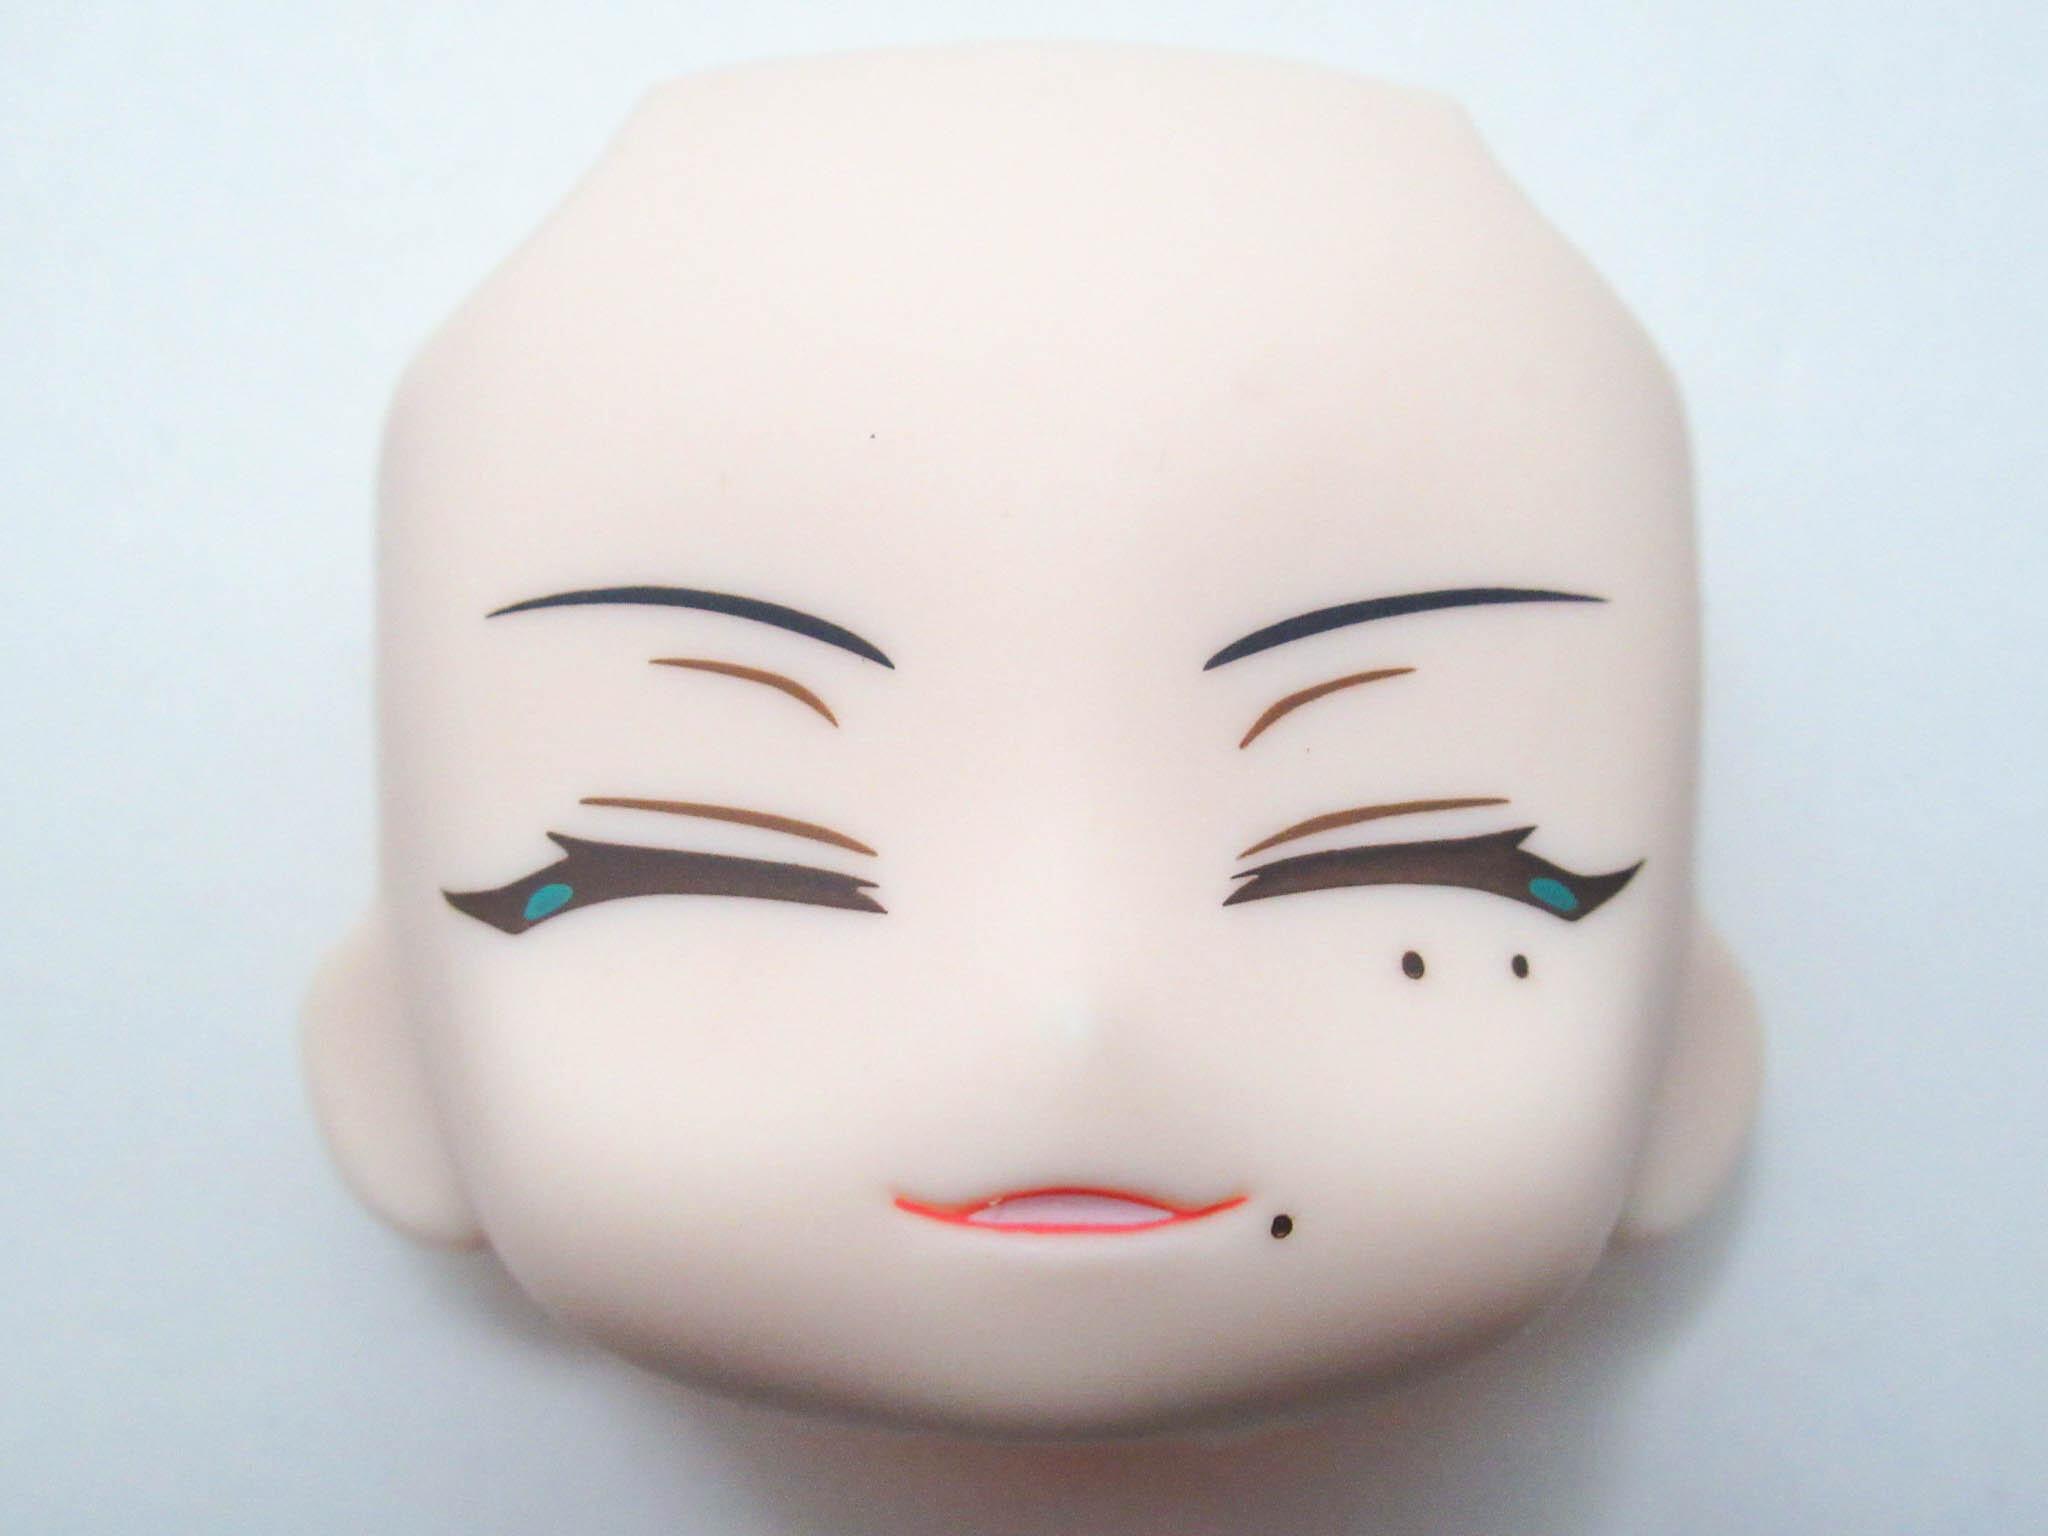 再入荷【1298】 山田三郎 顔パーツ 笑顔 ねんどろいど